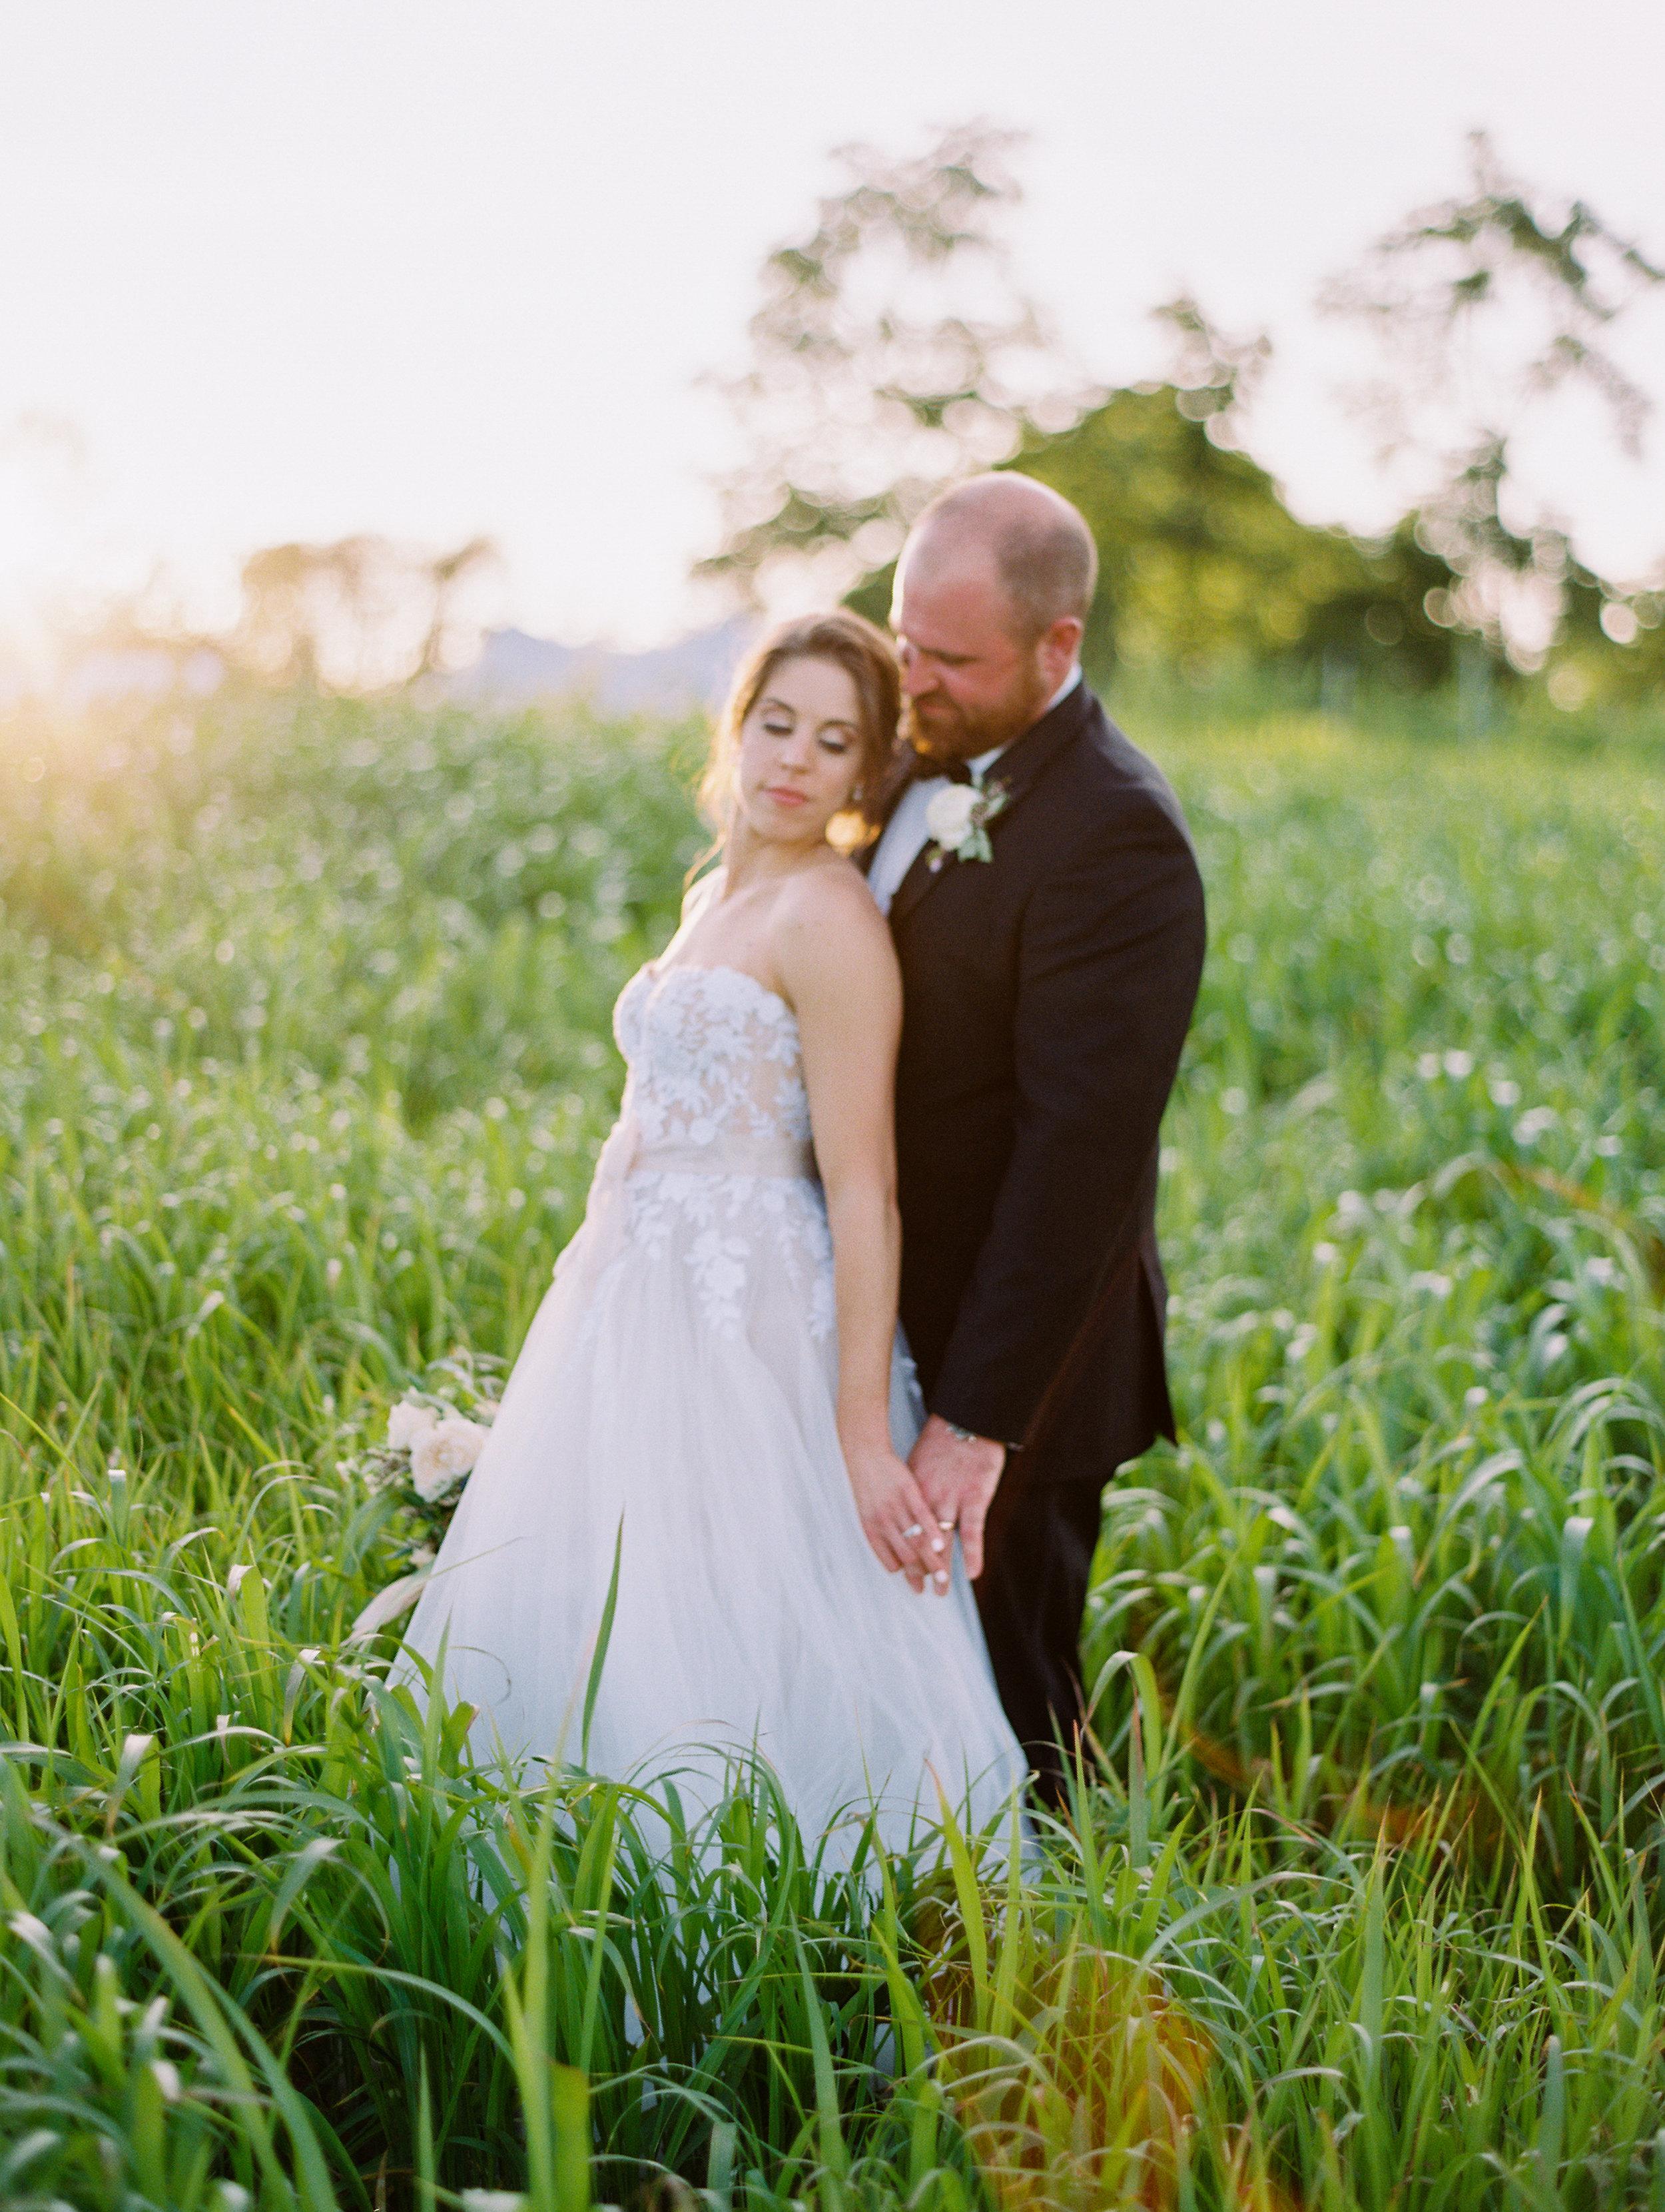 Steinlage+Wedding+Reception+Bride+Groom-52.jpg